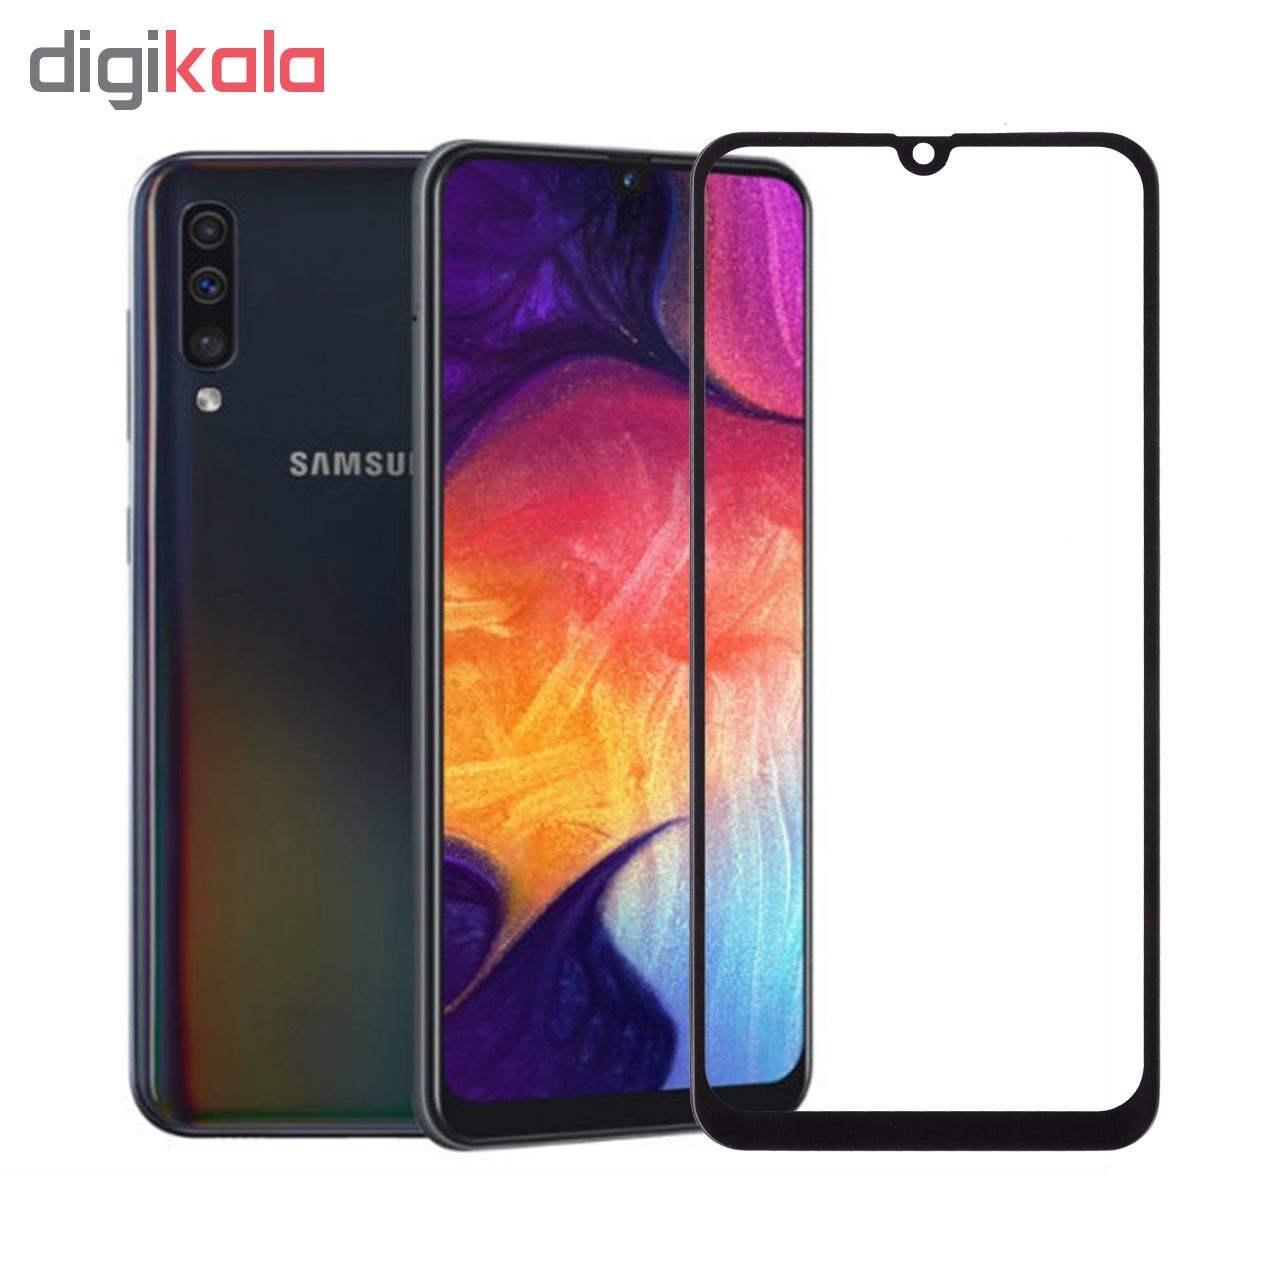 محافظ صفحه نمایش 5D  مدل D22 مناسب برای گوشی موبایل سامسونگ Galaxy A50 thumb 3